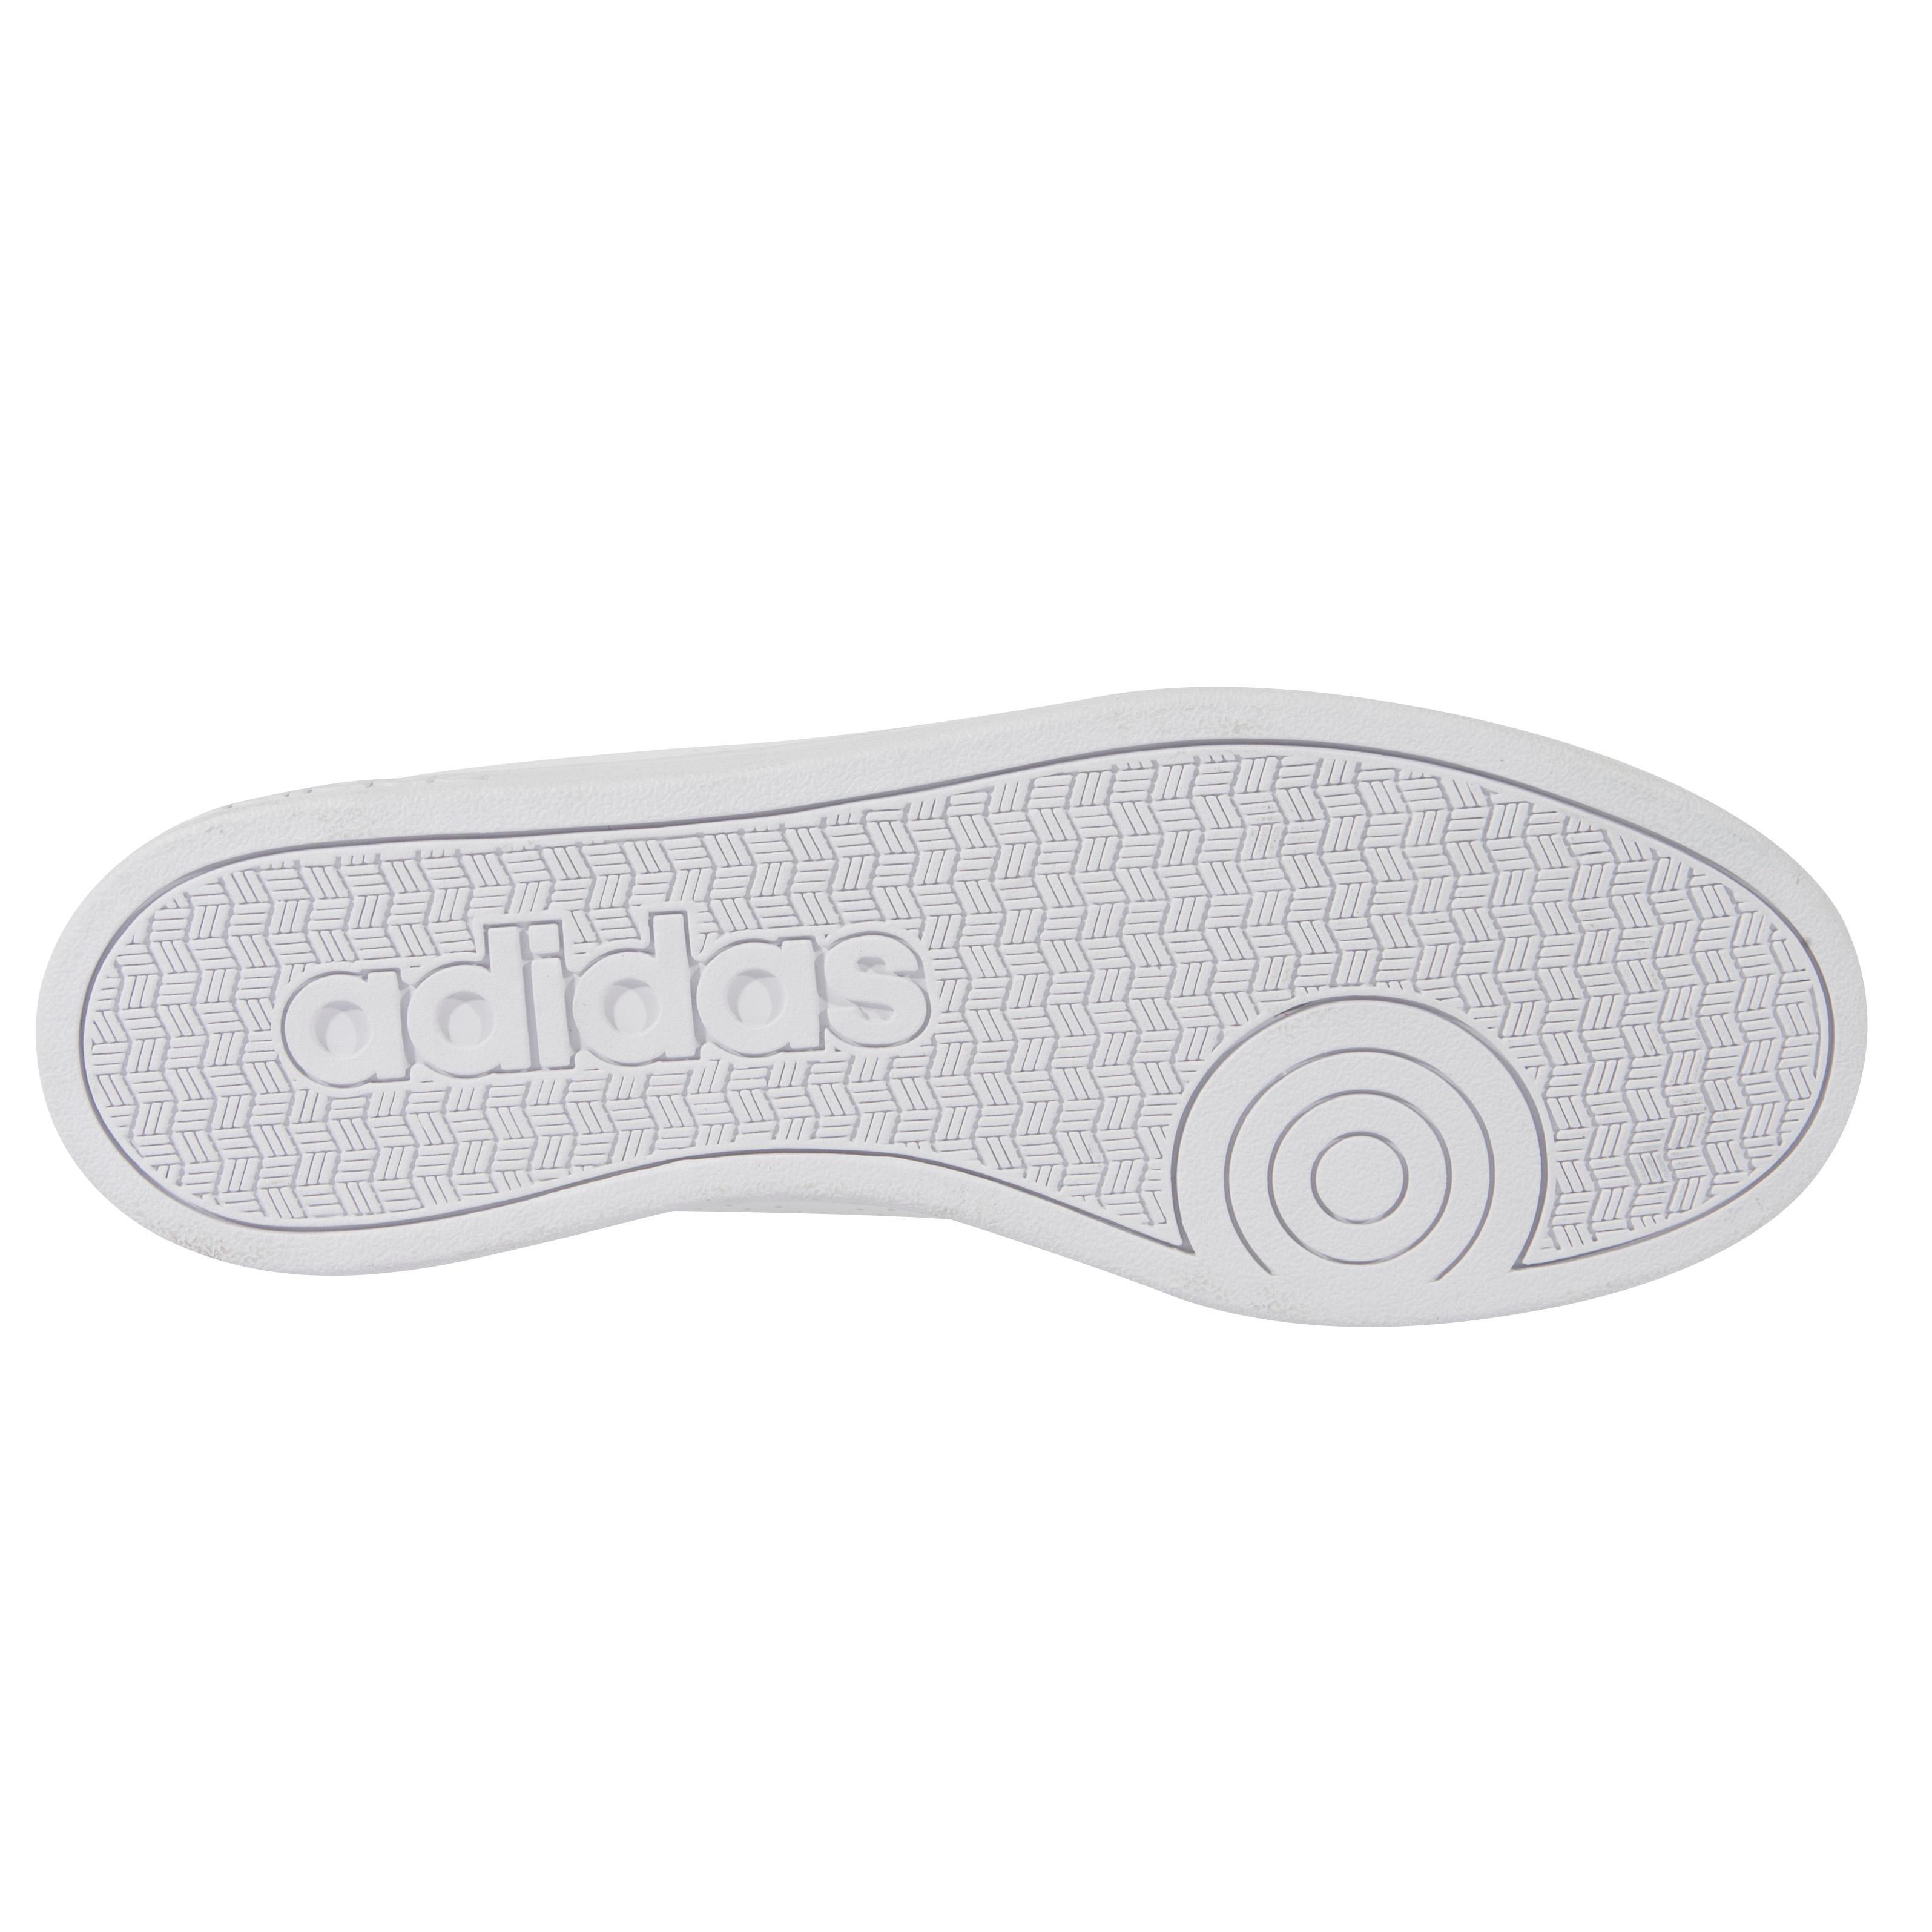 Chaussures Homme De Vert Blanc Advantage Tennis Clean jAc3L54Rq